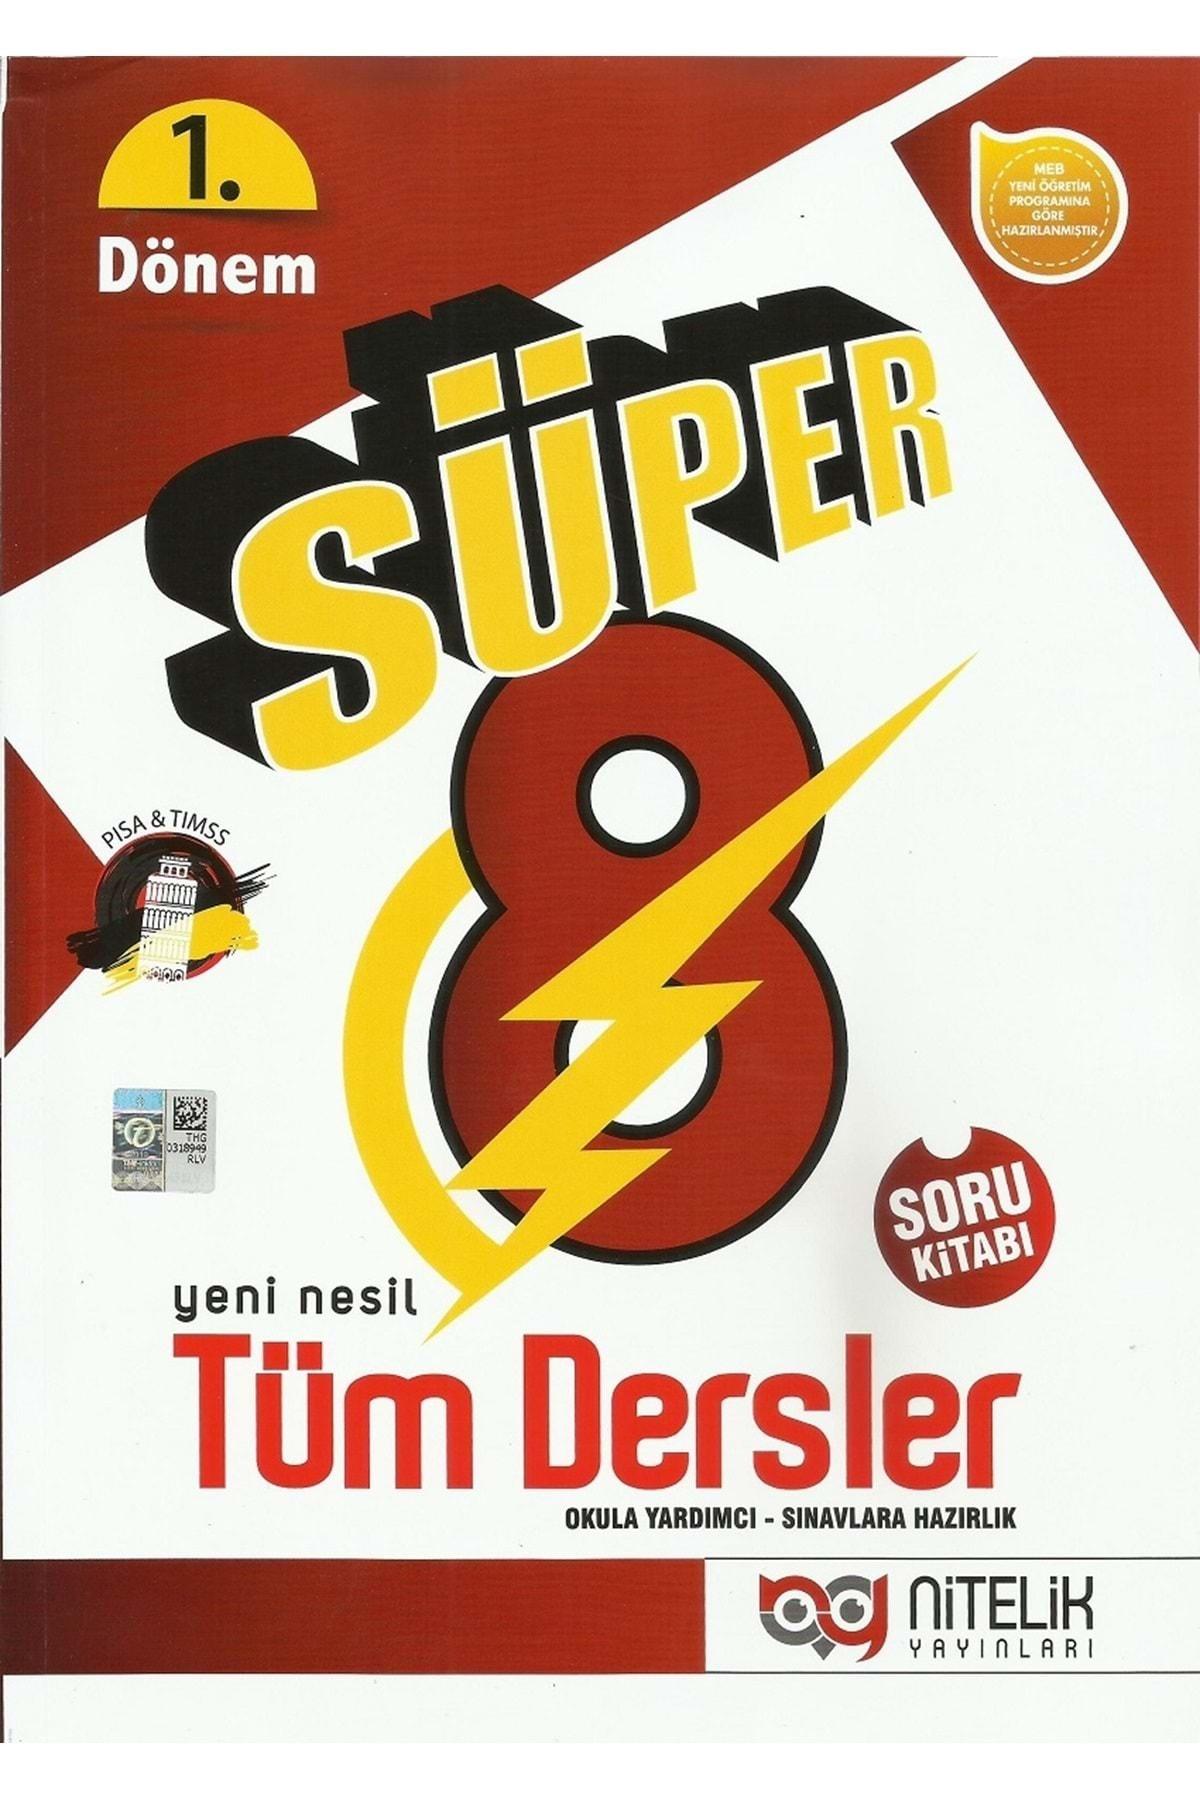 Nitelik Yayınları Nitelik 8.sınıf Yeni Nesil Süper 1. Dönem Tüm Dersler Soru Bankası 1